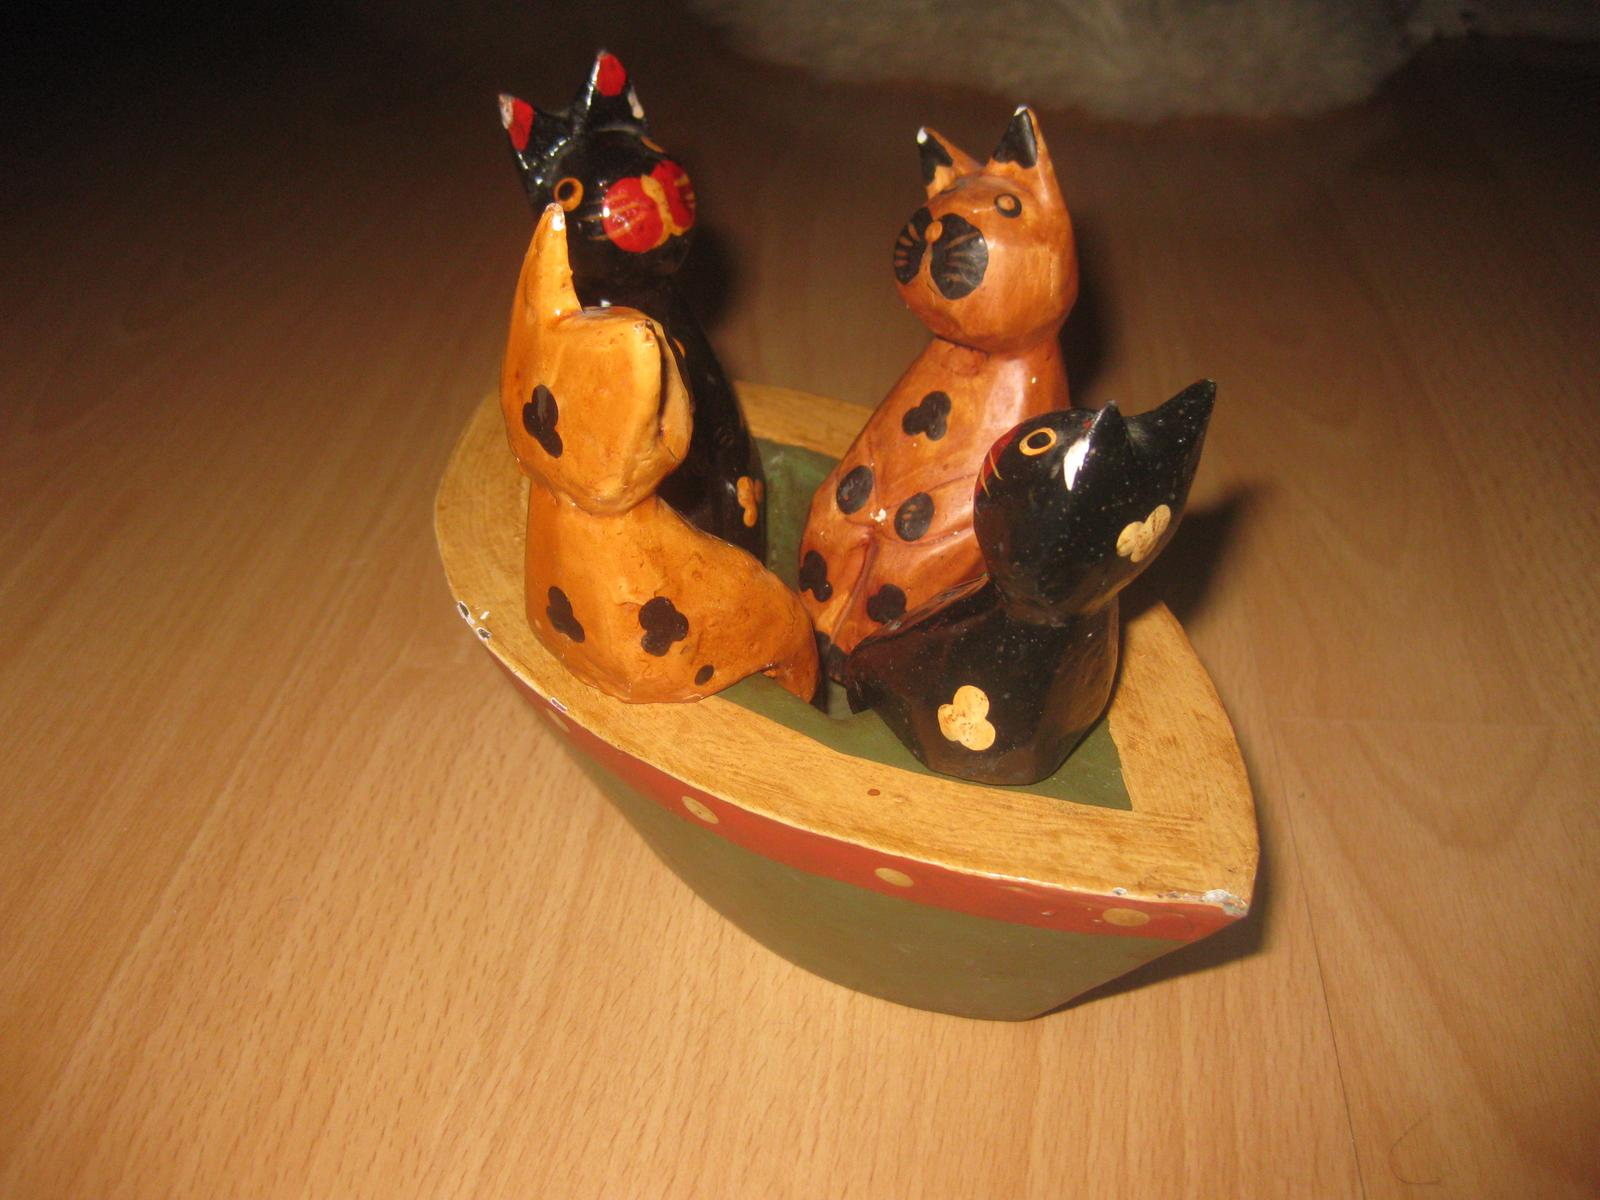 Dekoracna lodka s mackami - Obrázok č. 1